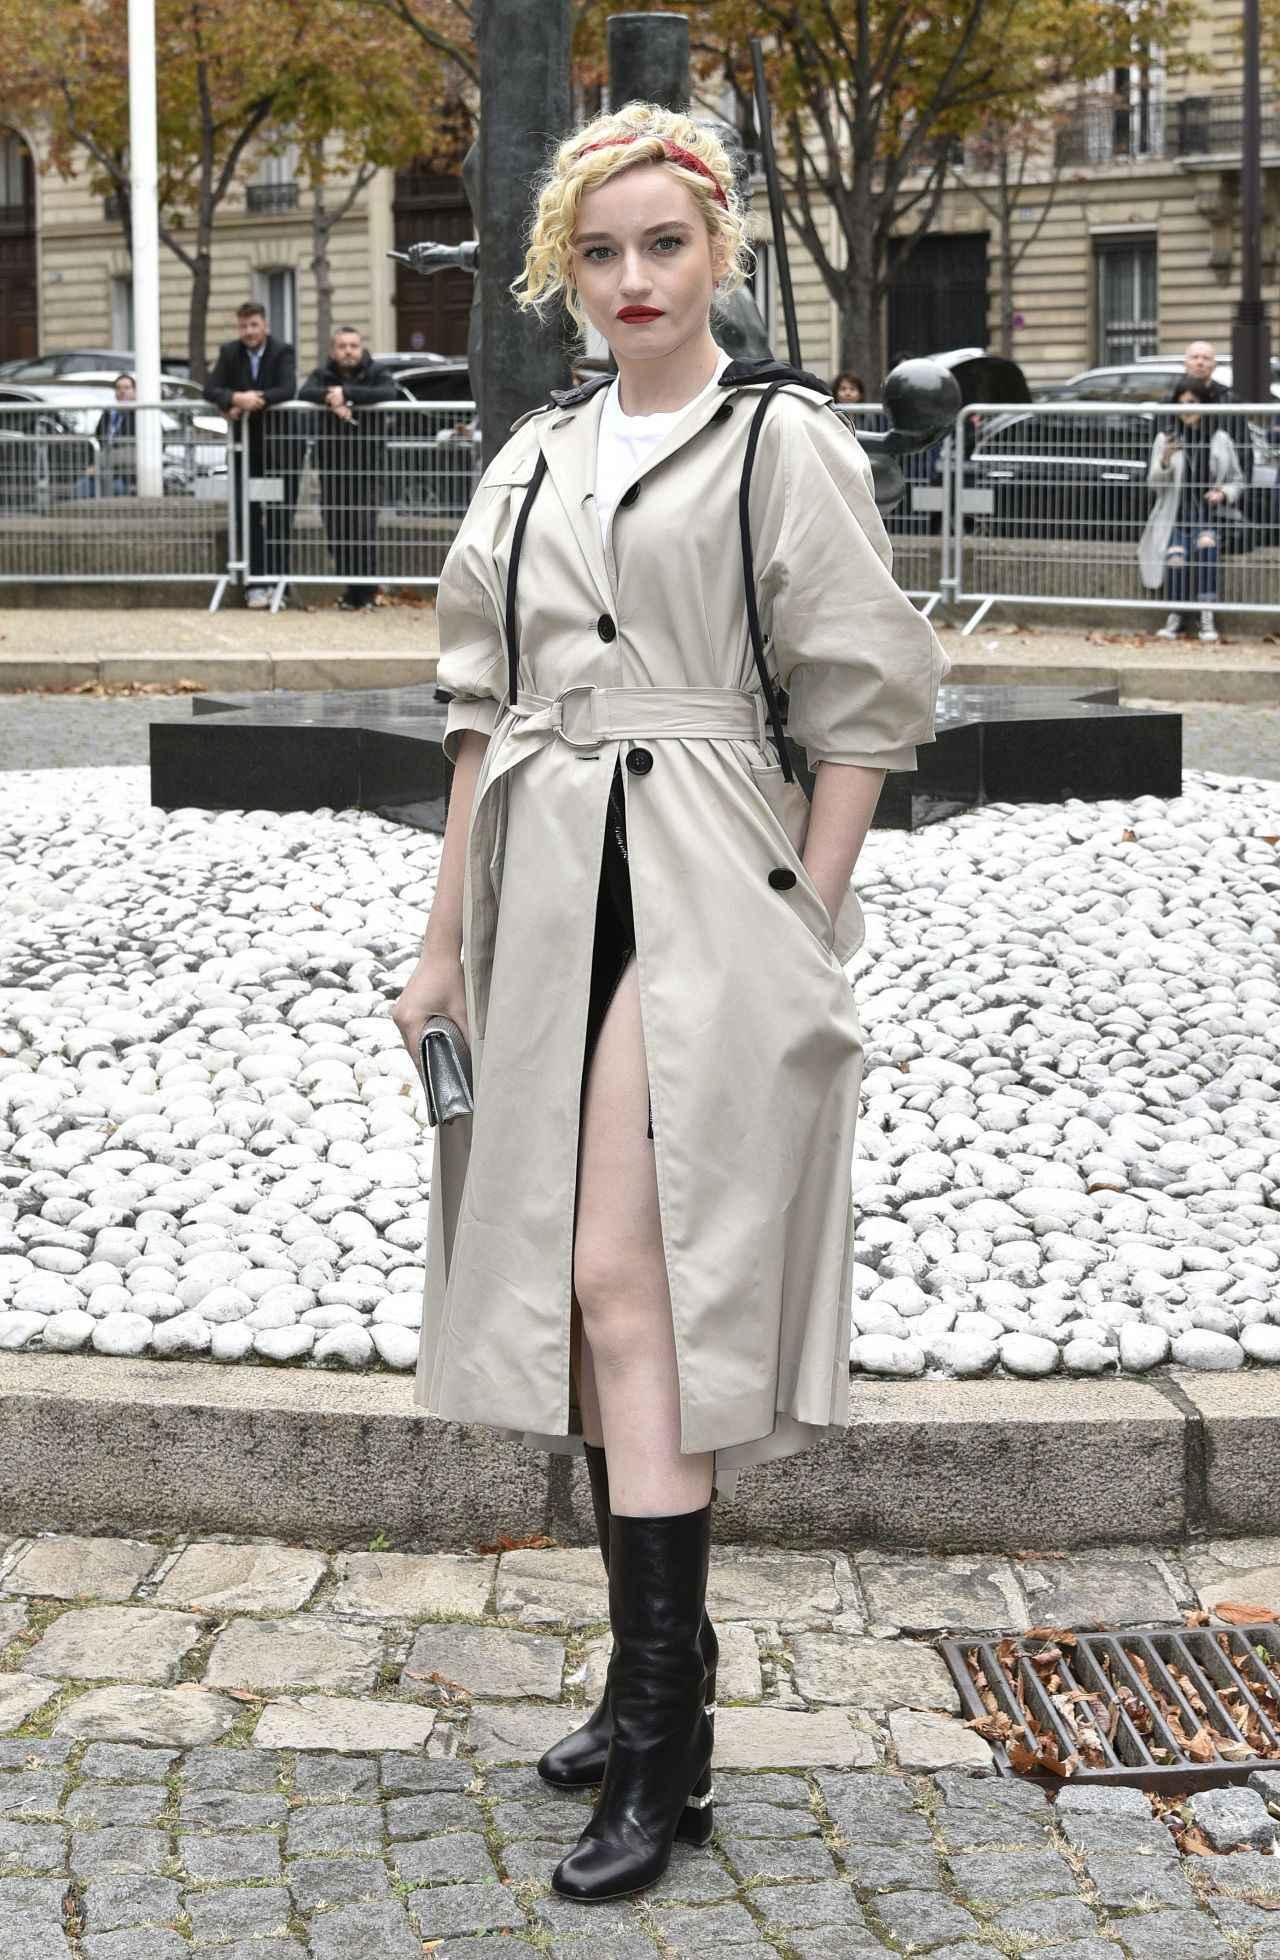 画像1: 人気女優のジュリア・ガーナー